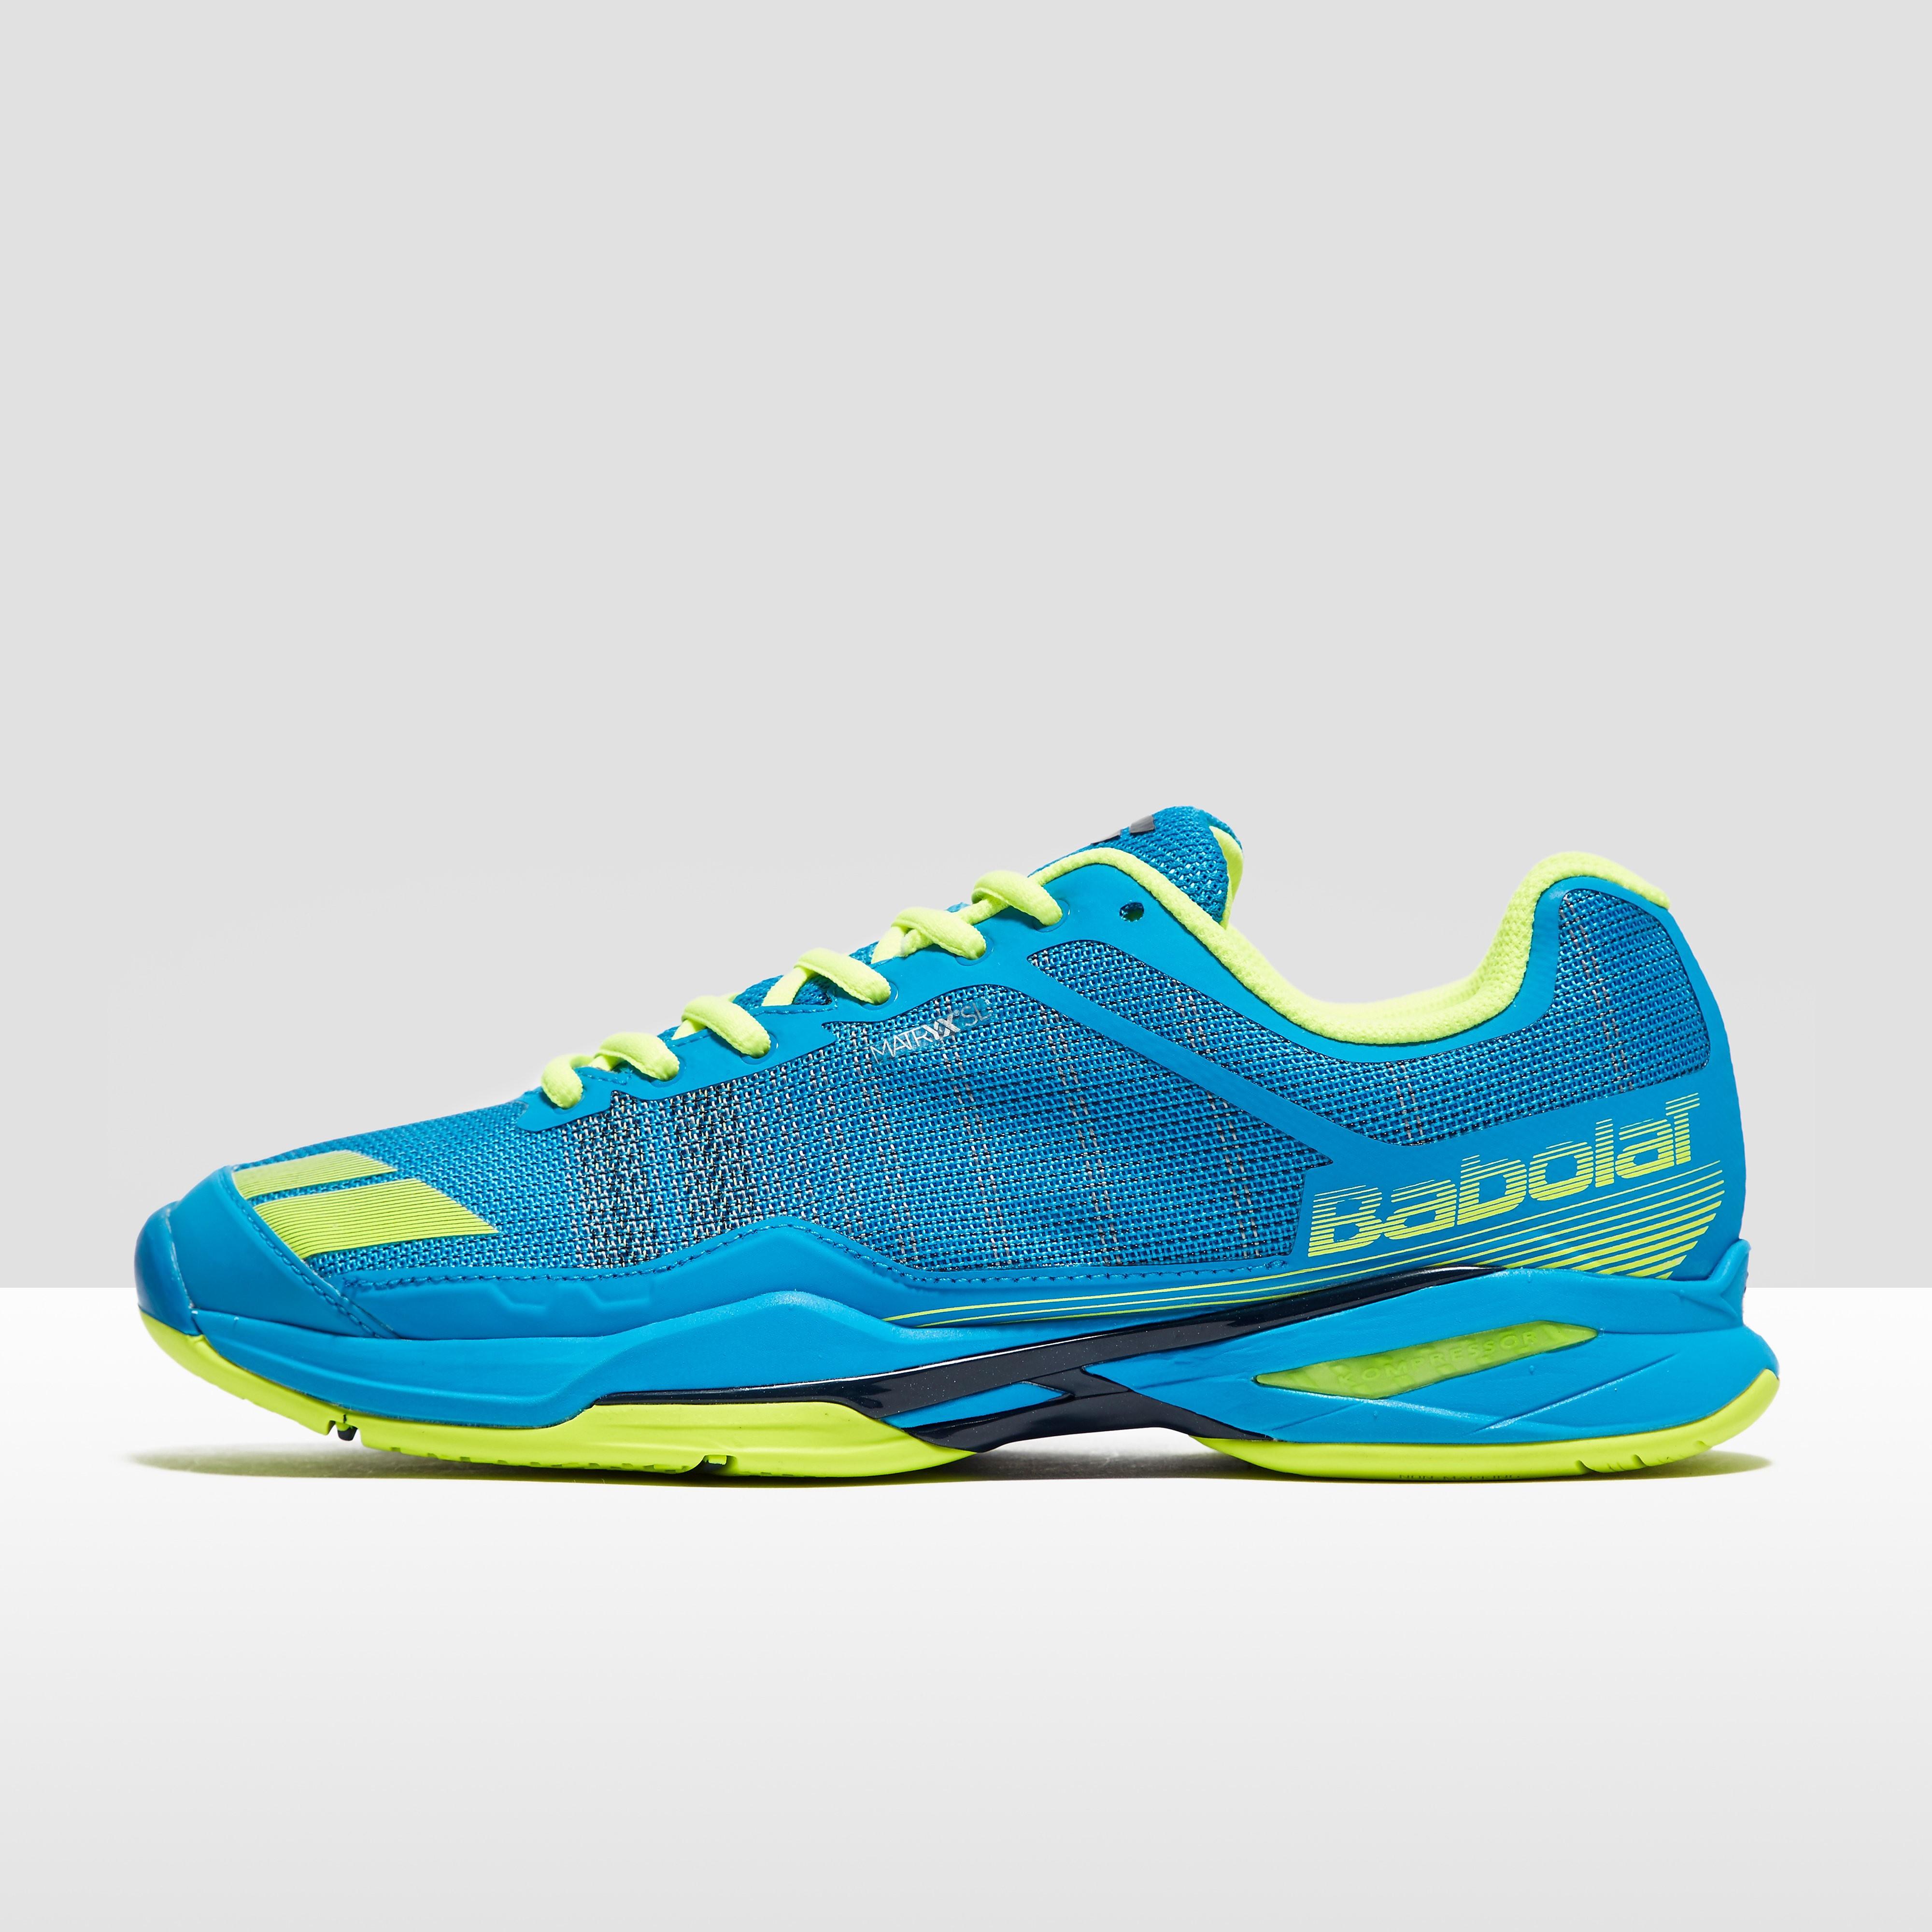 Babolat Jet Team Men's Tennis Shoes